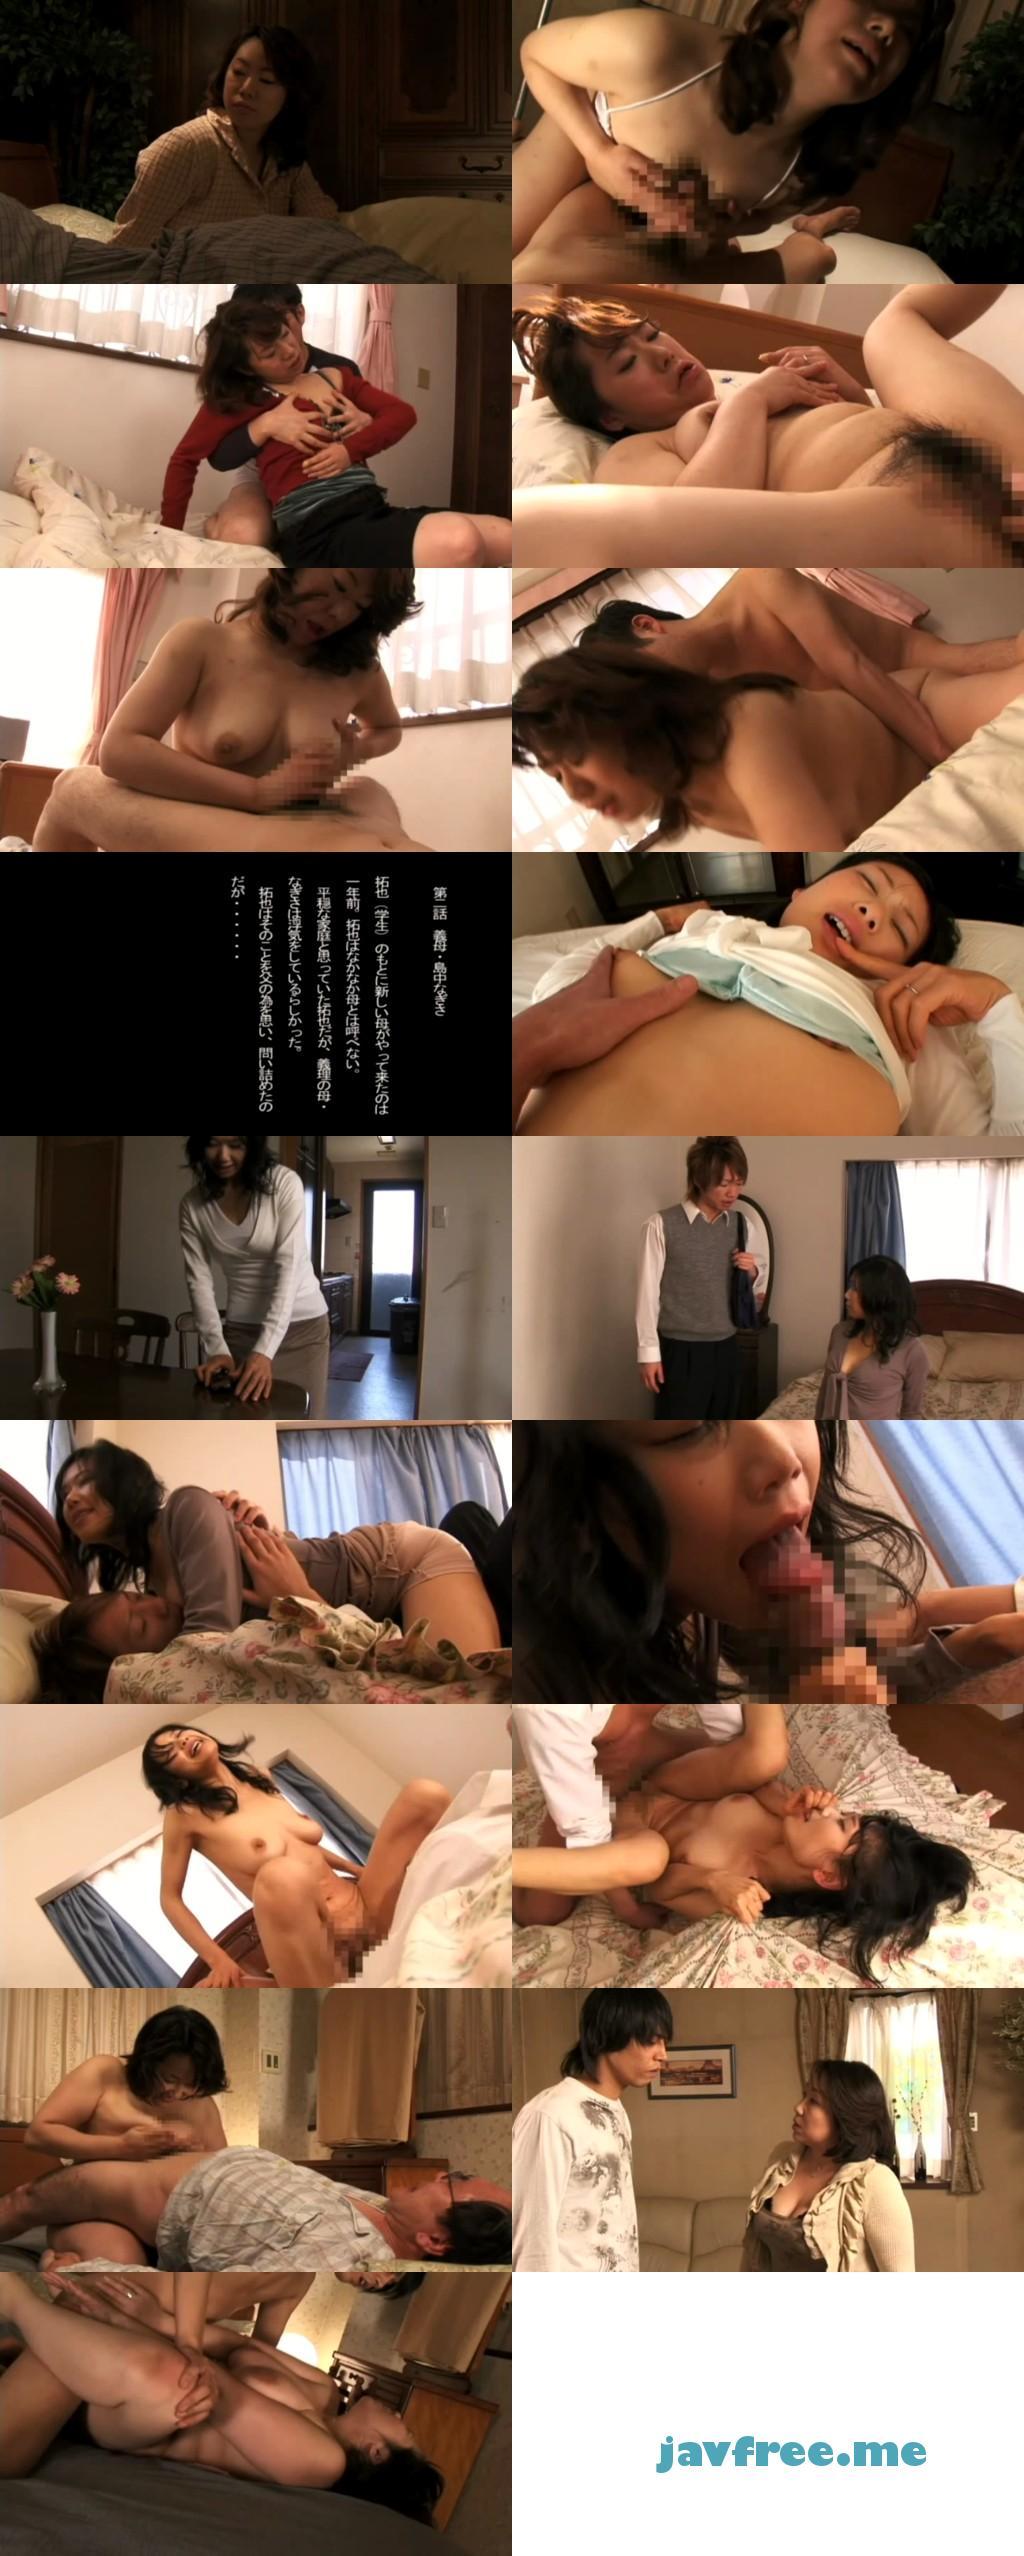 [ALX 453] 乳義母 包みこまれる母性のぬくもり 絹田美津 島中なぎさ 宮川サキ ALX